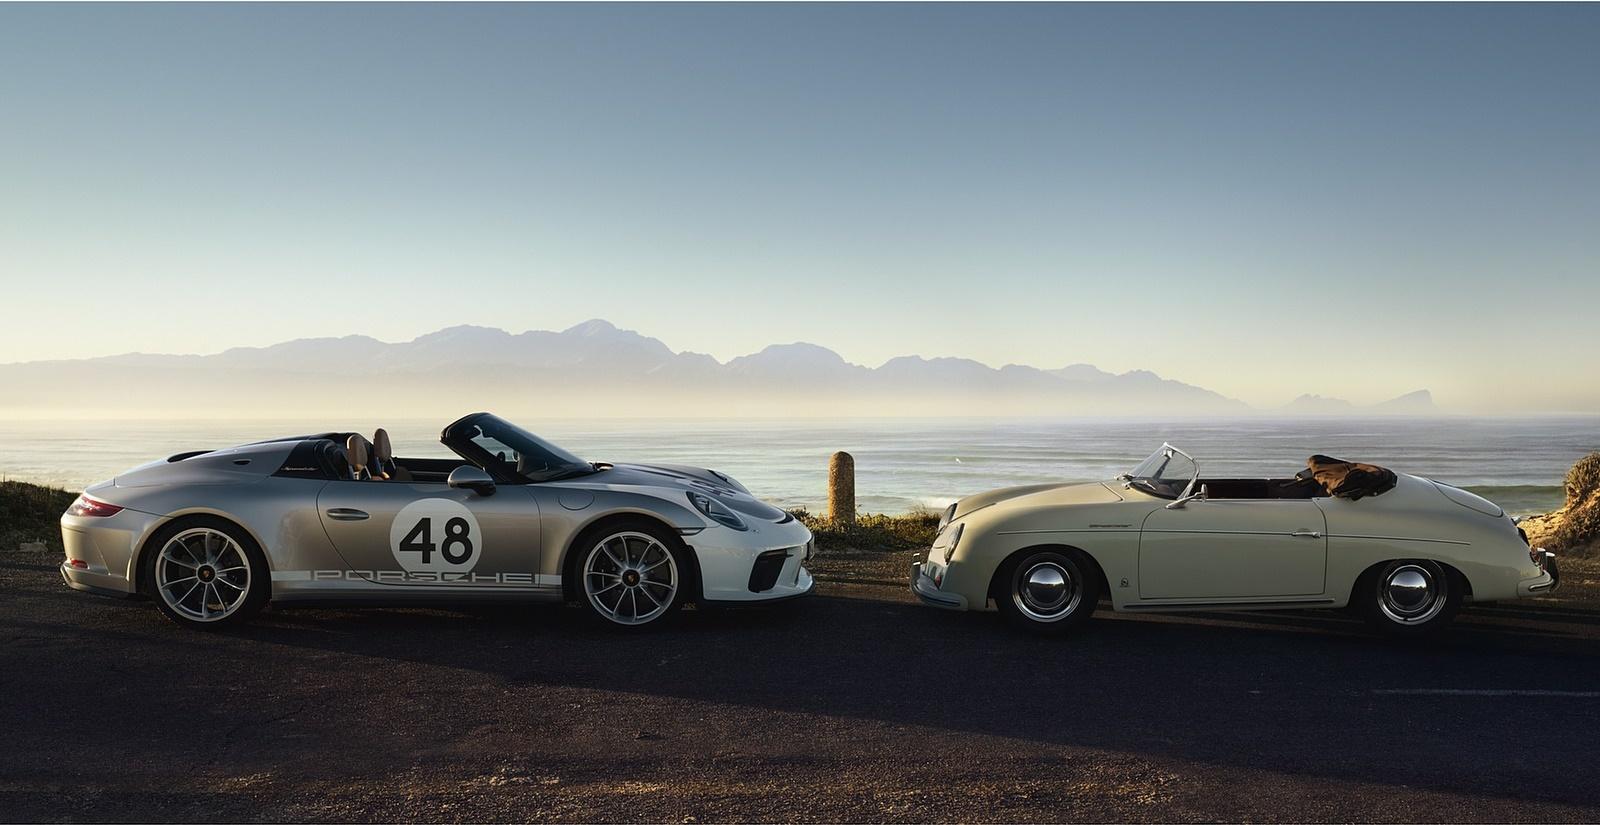 2019 Porsche 911 Speedster with Heritage Design Package and Porsche 356 Speedster Wallpapers (12)